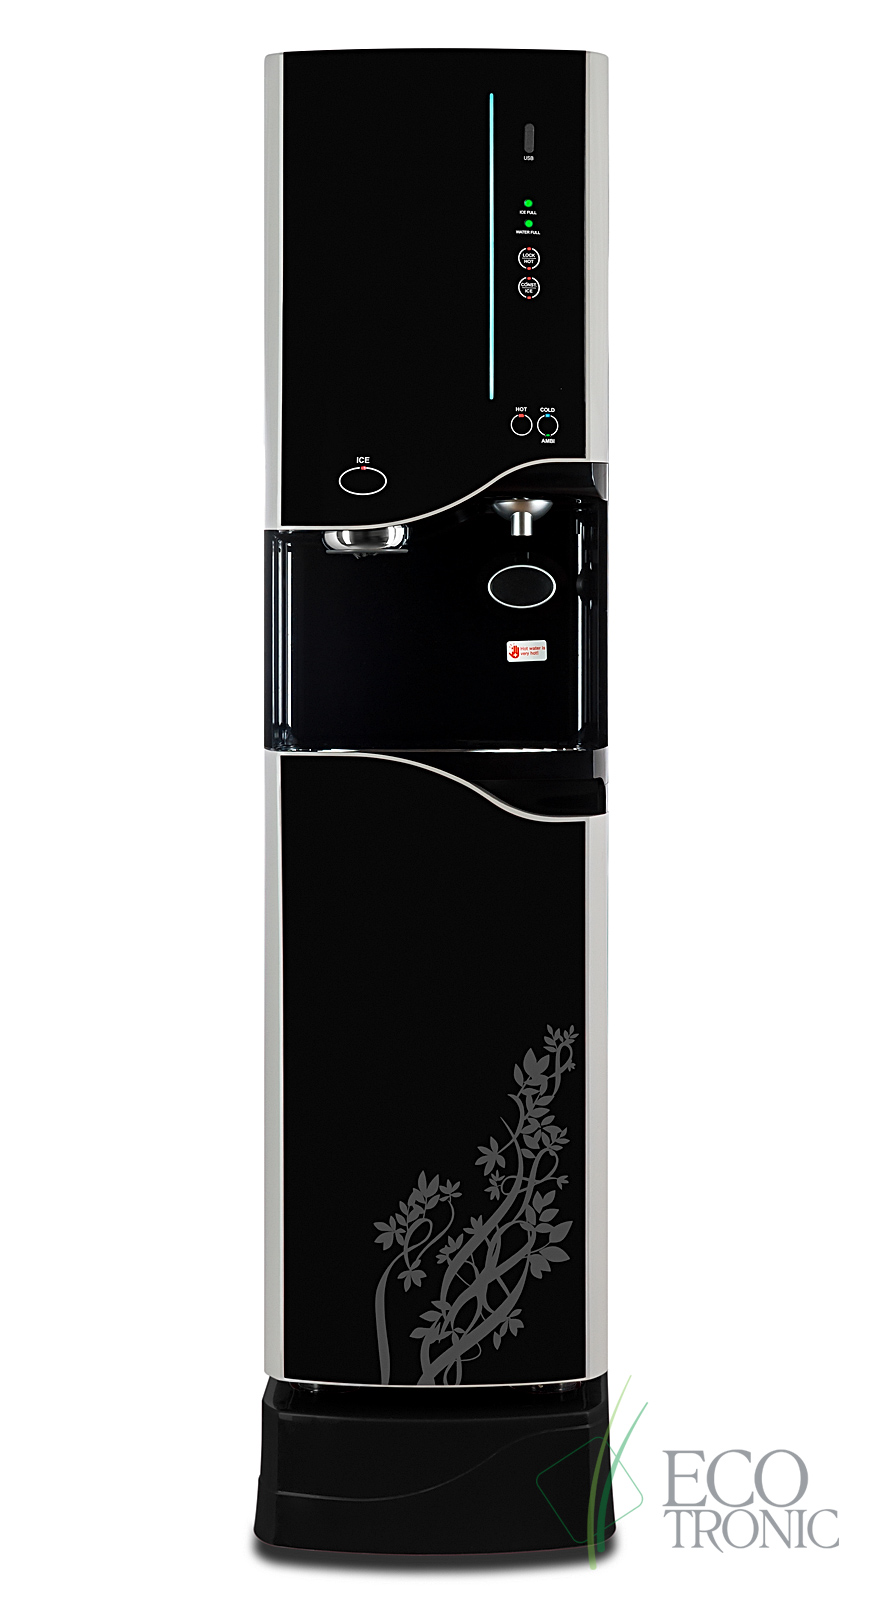 Пурифайер Ecotronic V80-R4LZ black